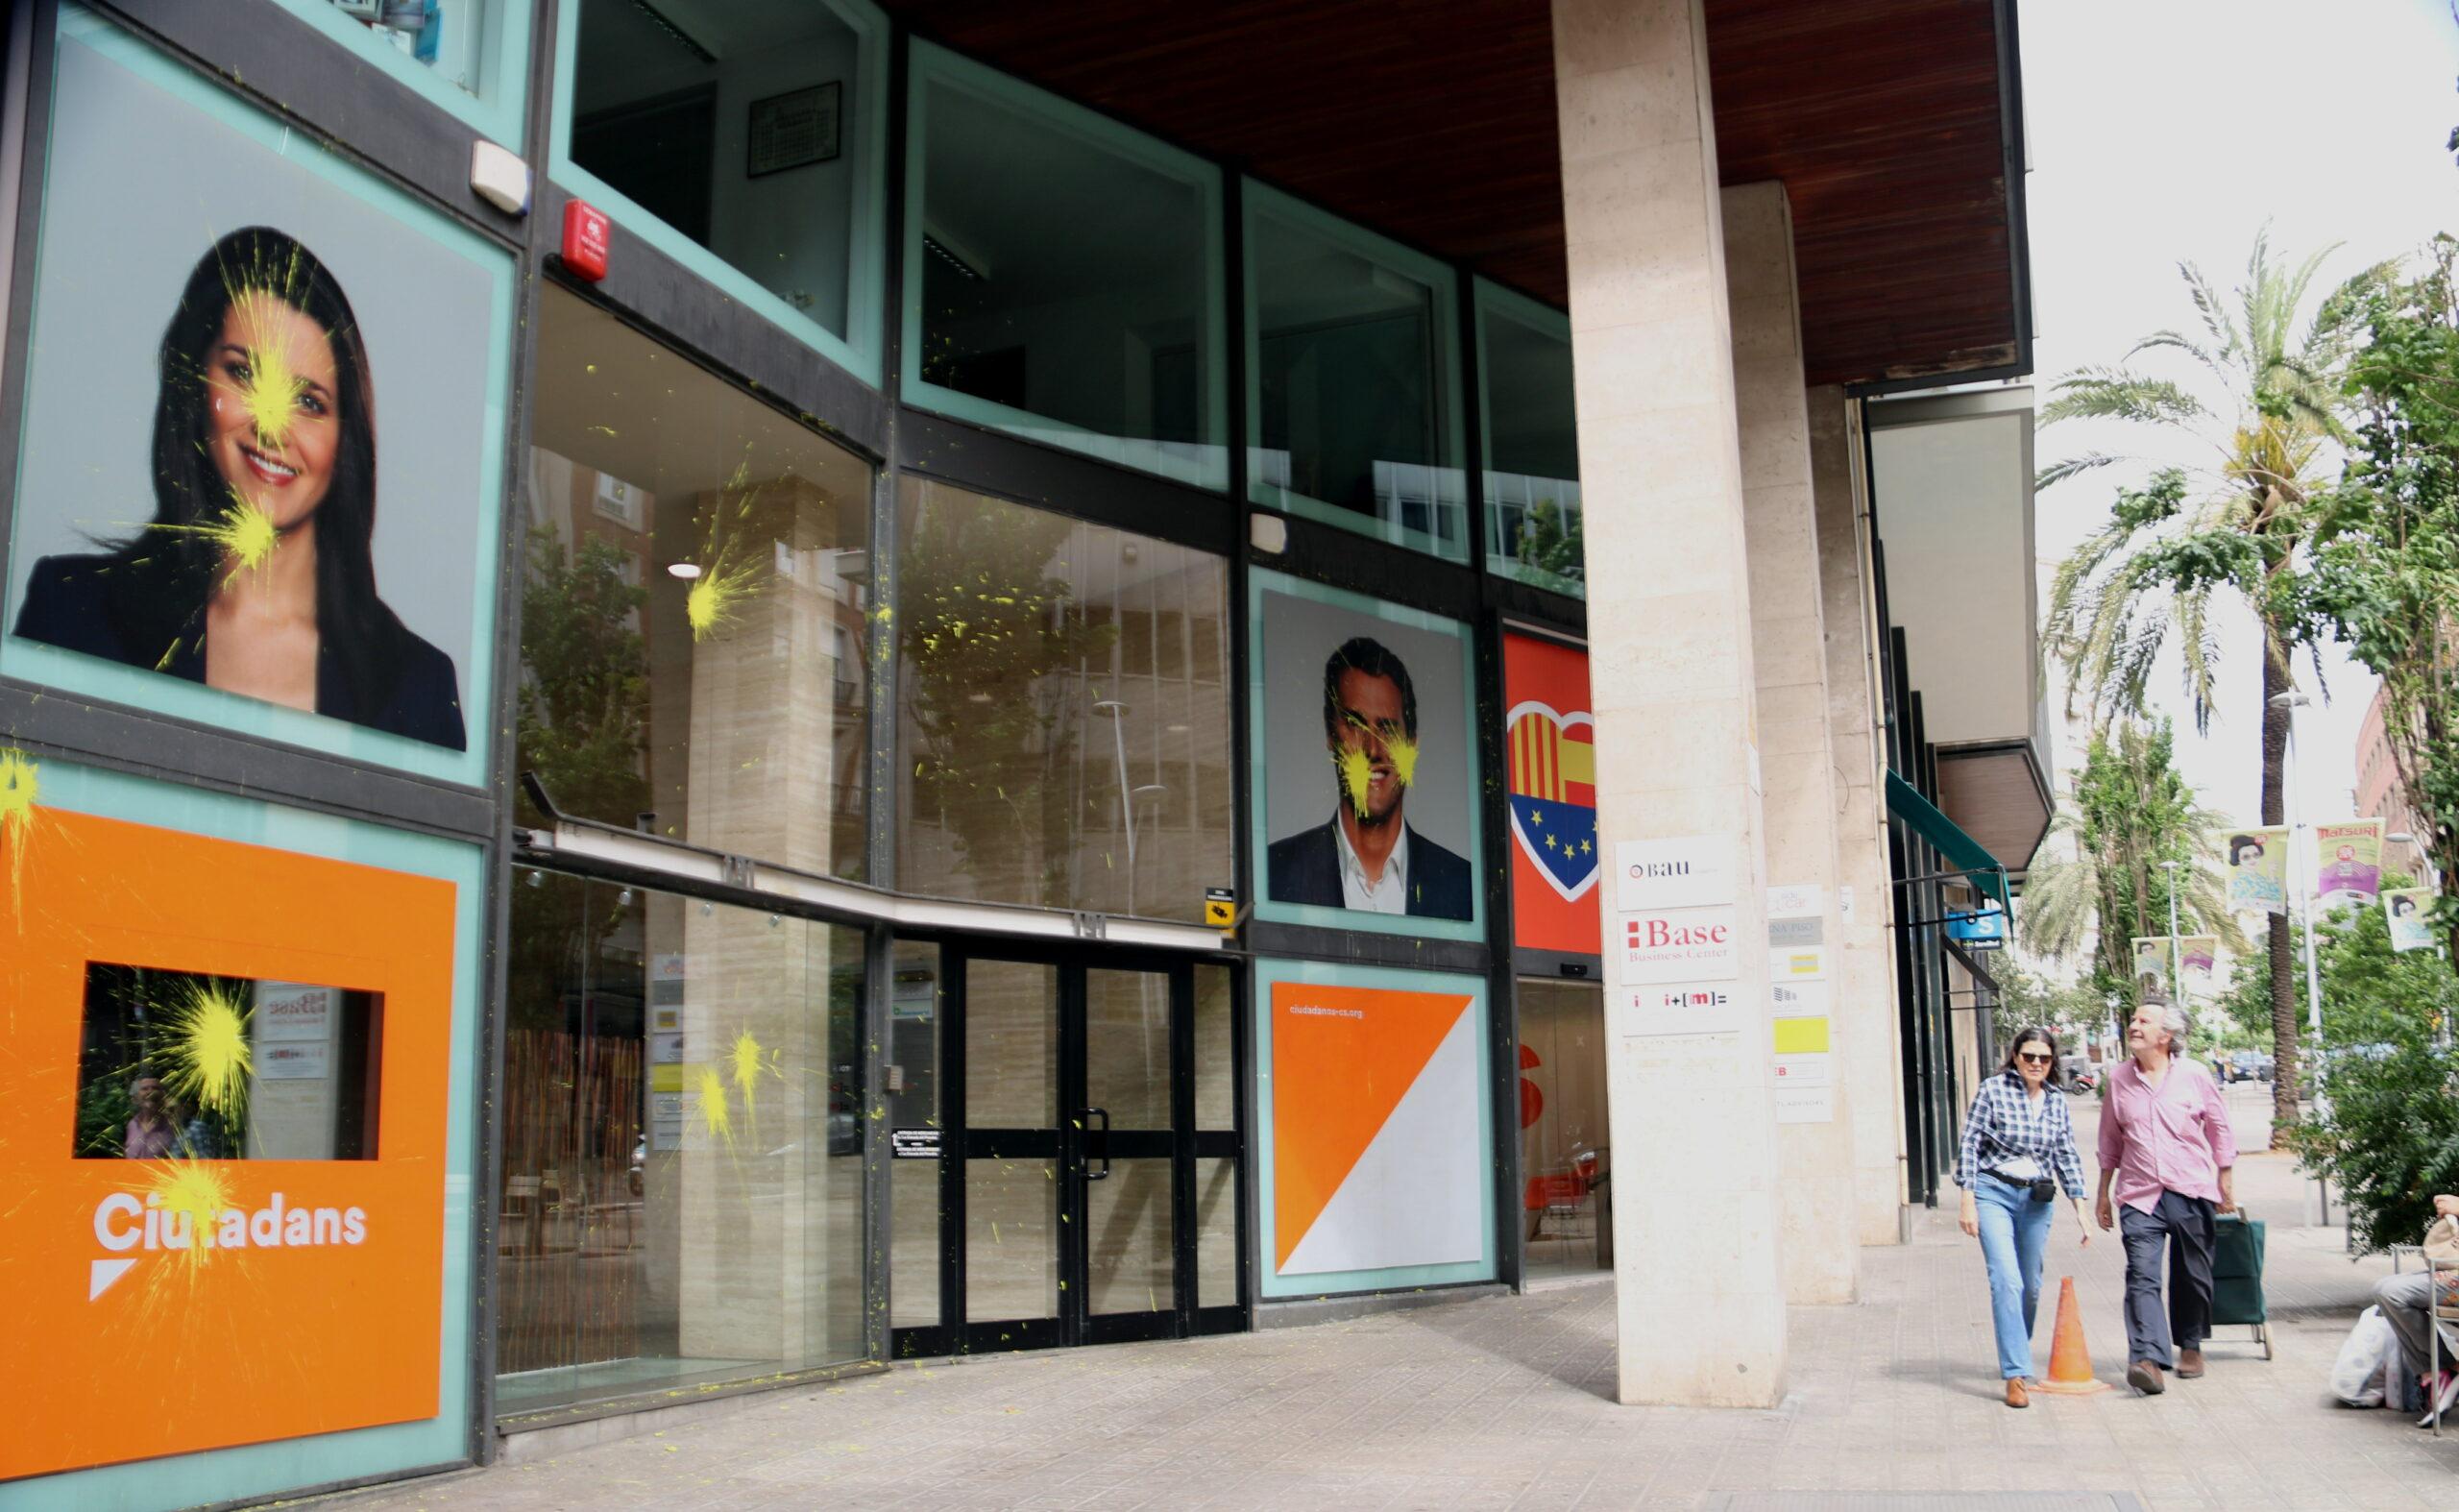 La façana de la seu de Cs a Barcelona embrutada per l'impacte d'ous plens de pintura groga | ACN